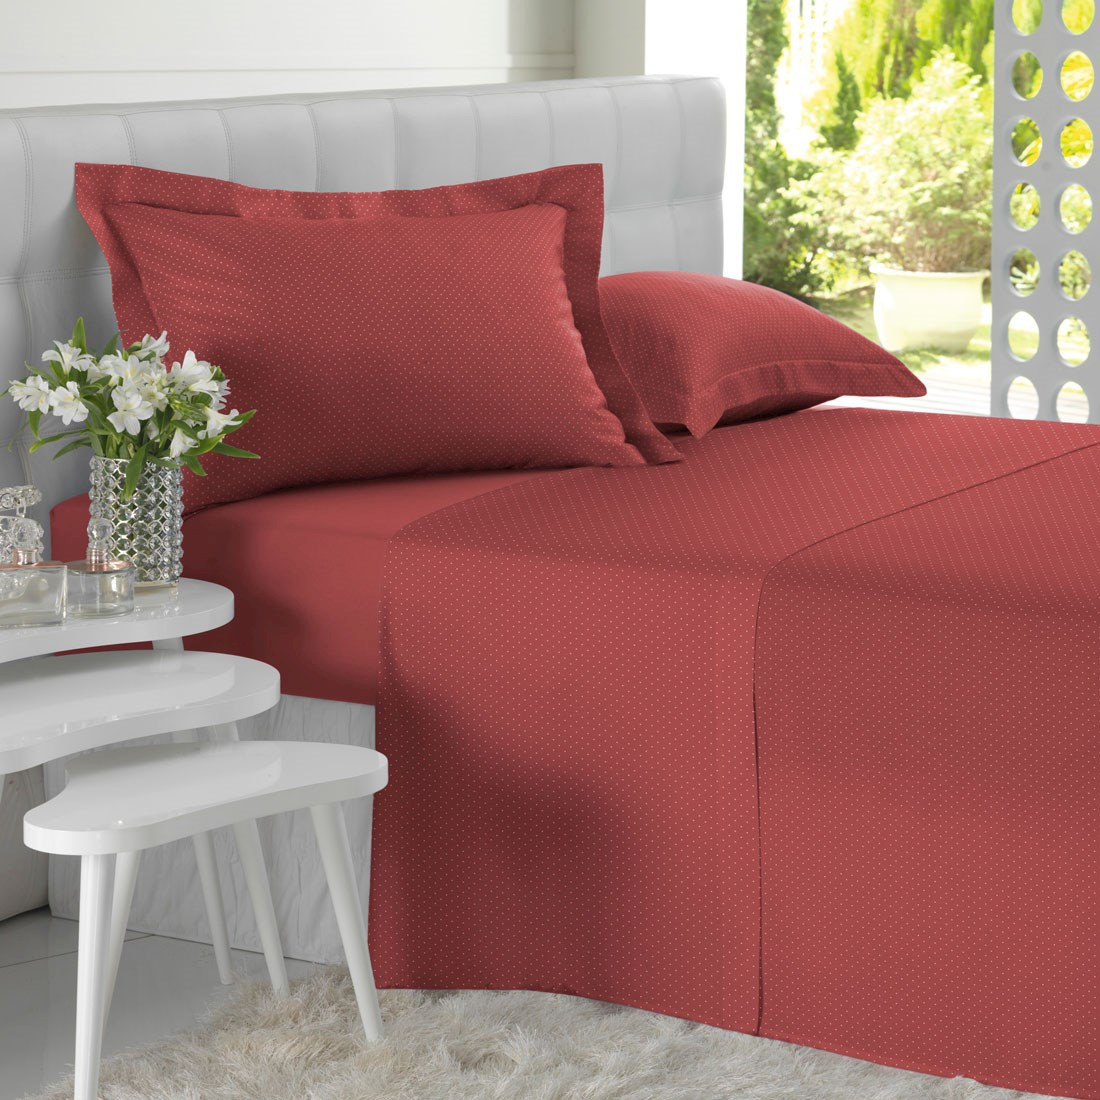 Jogo de cama queen all desing mini poá vermelho - Altenburg